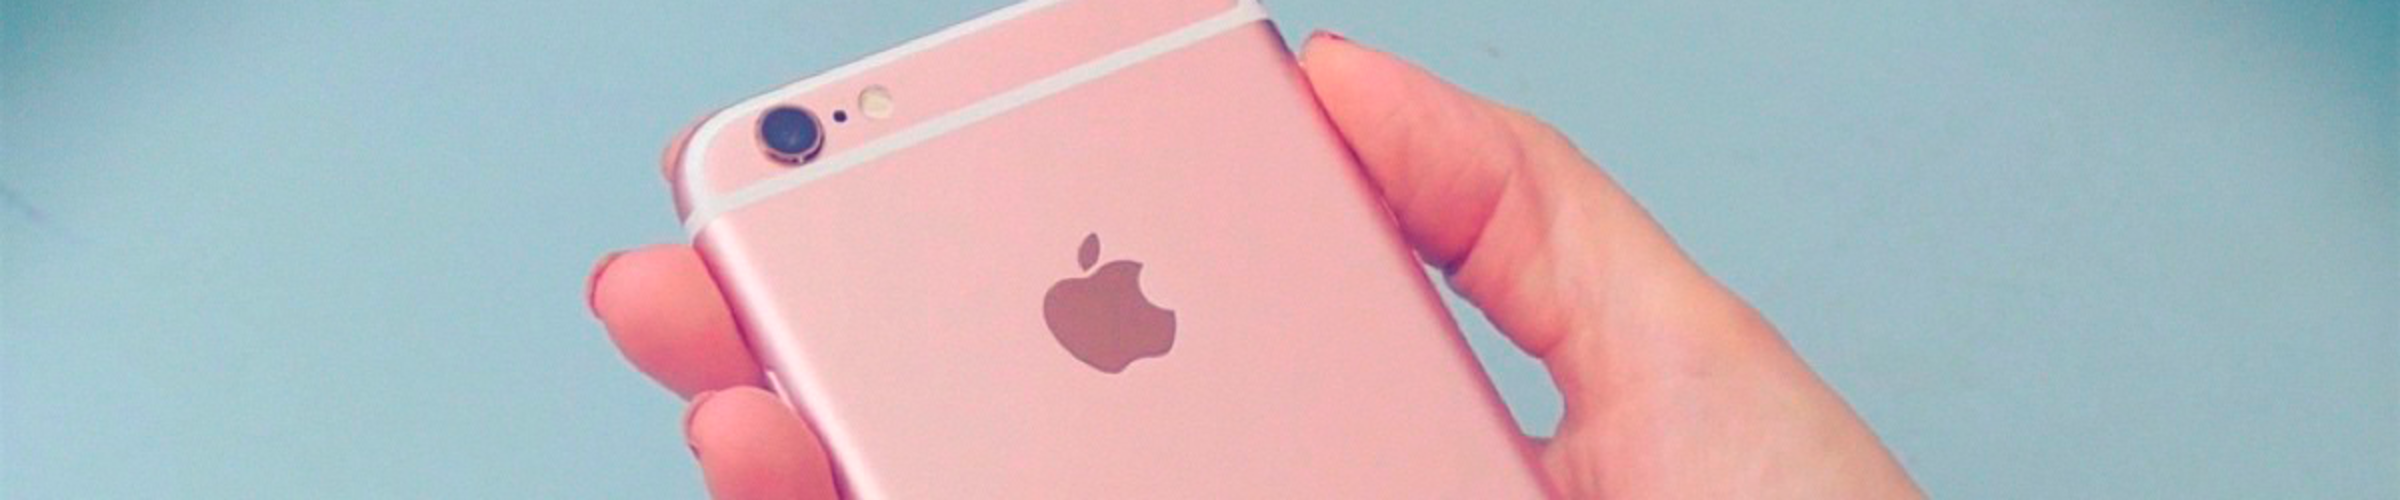 Как переименовать iPhone или изменить имя iPad? - Инструкция